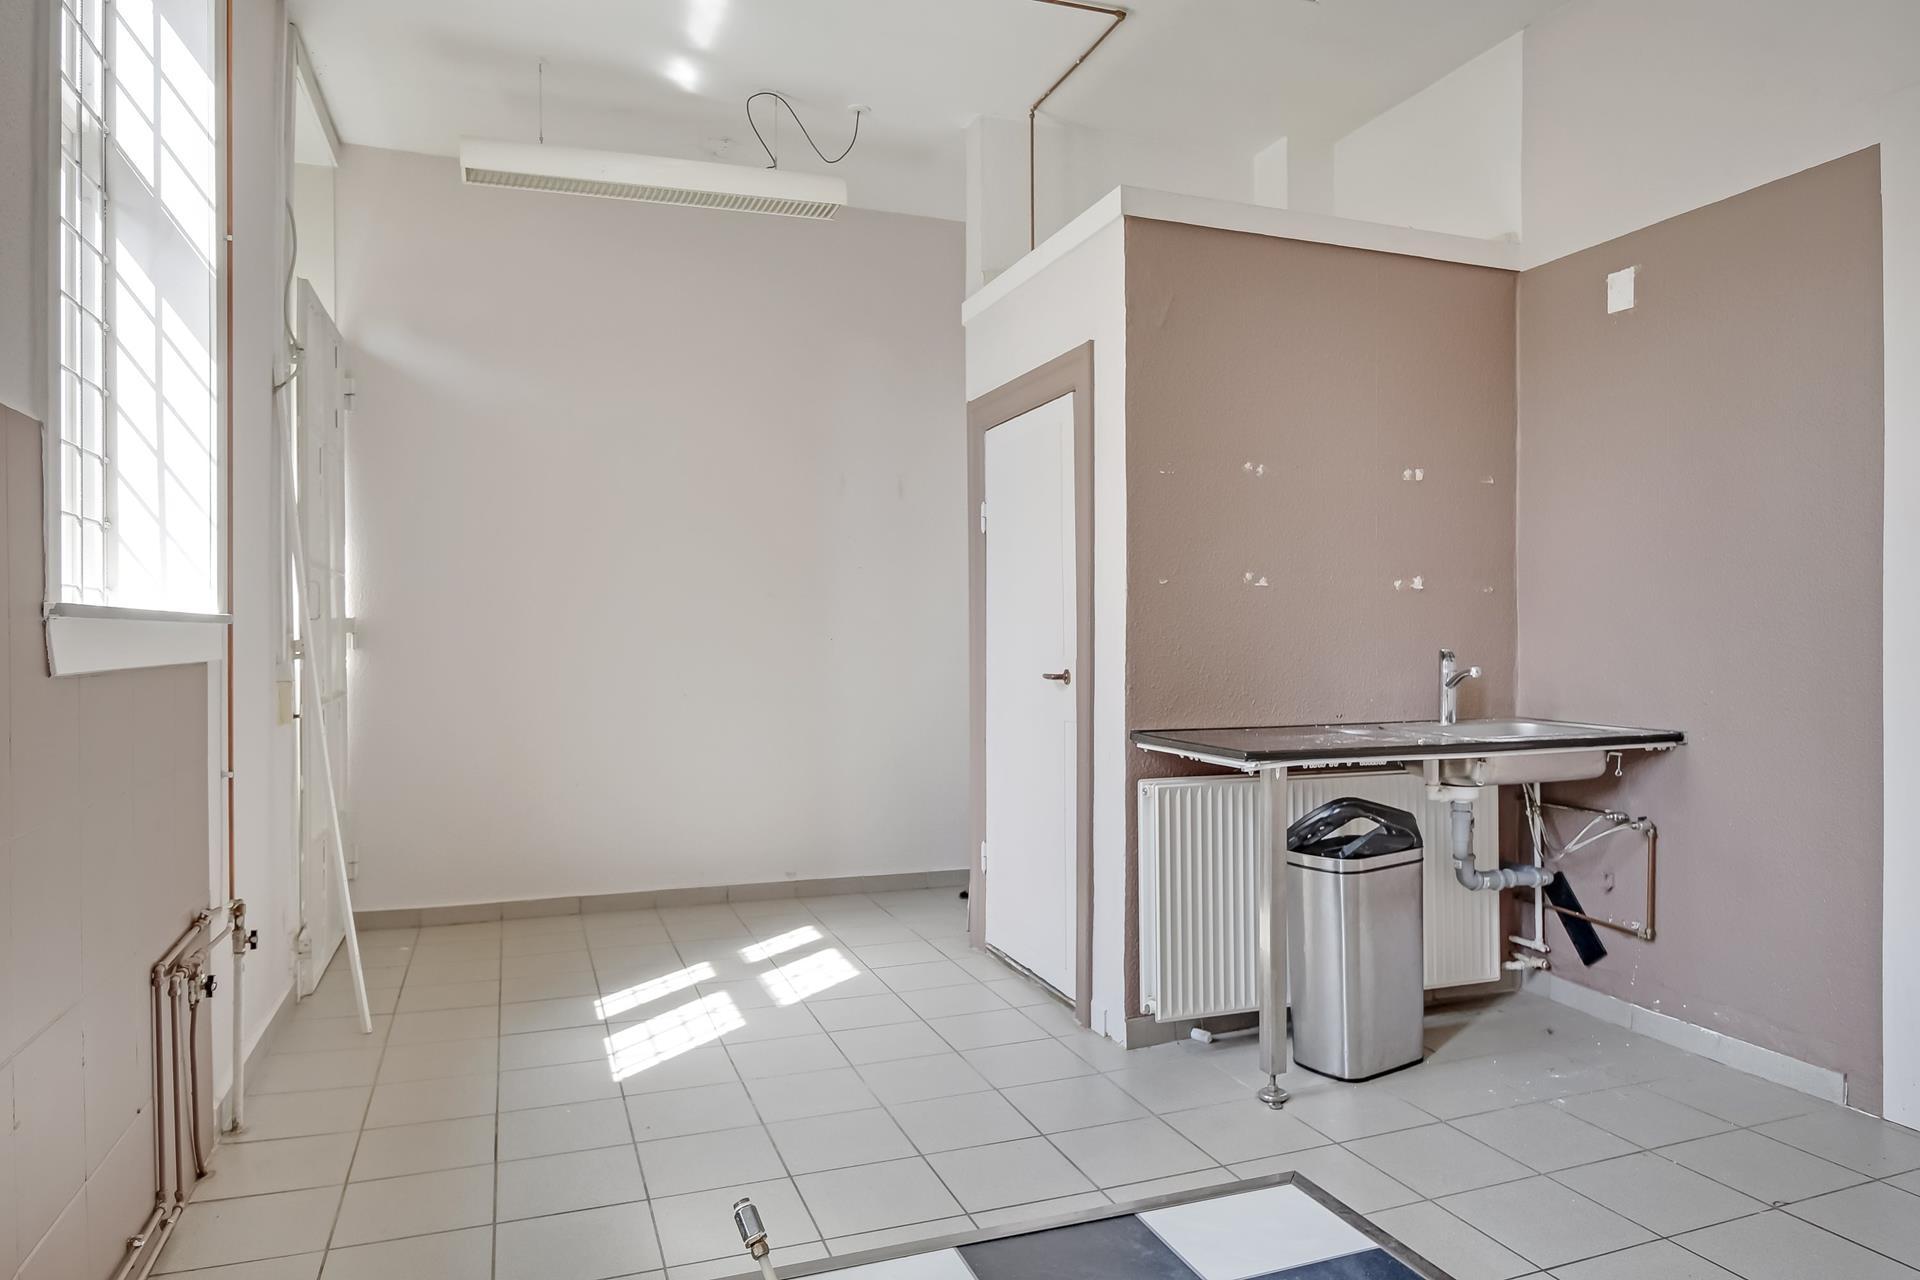 Bolig/erhverv på Nørregade i Esbjerg - Andet